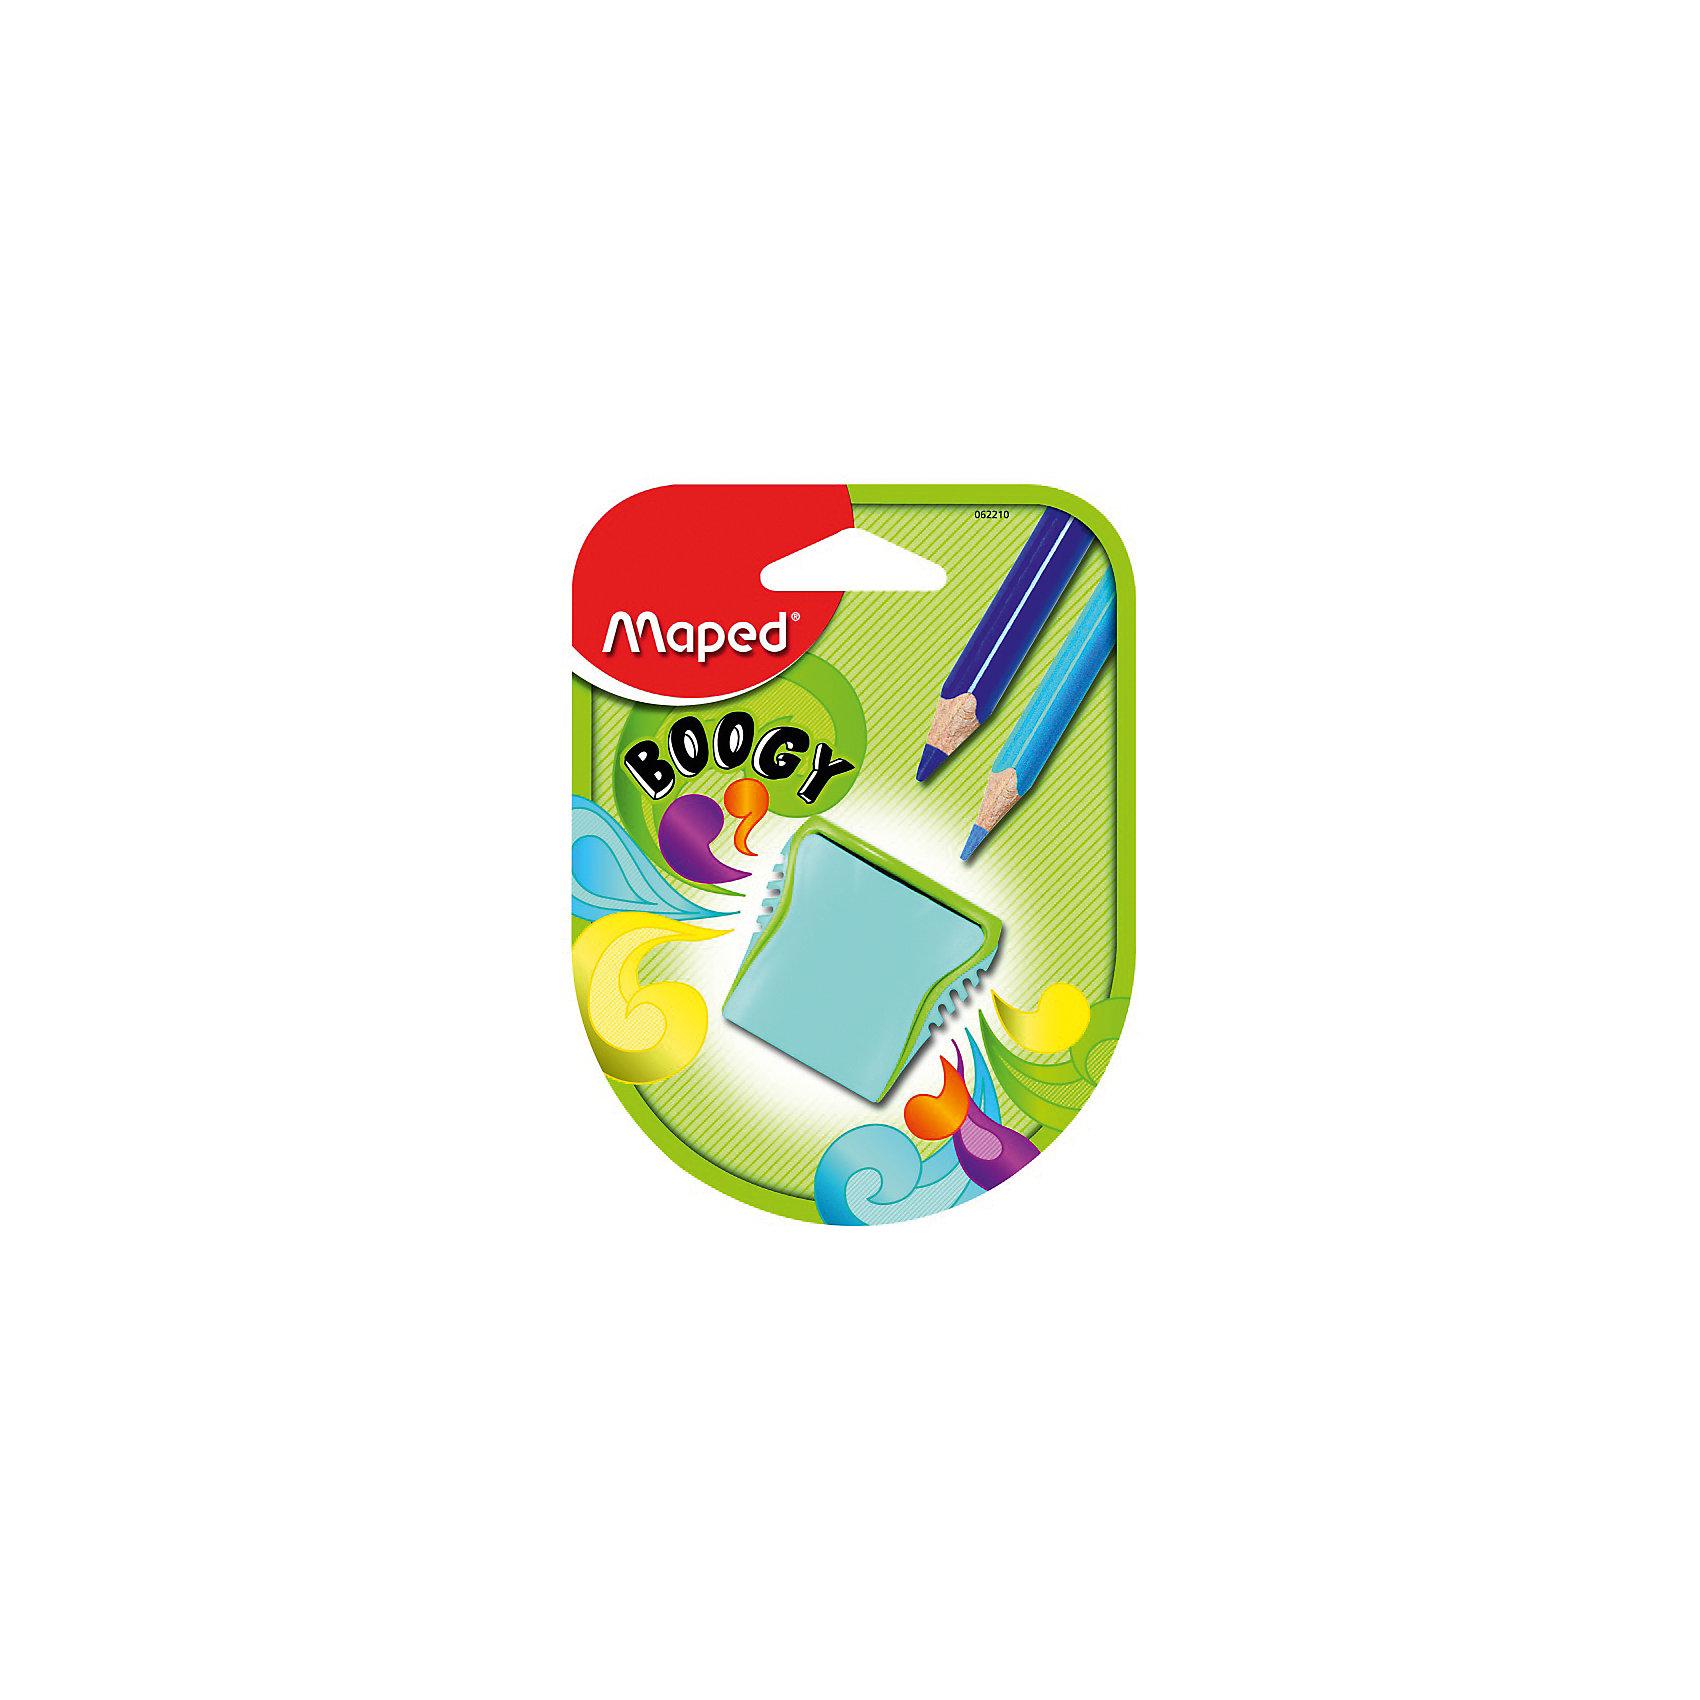 Точилка Maped Boogy, пластиковая 2 отверстияПисьменные принадлежности<br>Характеристики:<br><br>• возраст: от 3 лет<br>• количество отверстий: 2<br>• материал корпуса: пластик<br>• материал лезвия: металл<br>• размер: 3,5x2,5x4 см.<br><br>Точилка «Boogy» с рифленой областью обхвата имеет два отверстия разного диаметра со стальными лезвиями. Она предназначена для заточки цветных и простых карандашей. Корпус точилки изготовлен из ударопрочного пластика. Контейнер для сбора стружки неотделим от точилки, что исключает его потерю.<br><br>MAPED Точилку пластиковую, 2 отверстия Boogy можно купить в нашем интернет-магазине.<br><br>Ширина мм: 125<br>Глубина мм: 95<br>Высота мм: 30<br>Вес г: 12<br>Возраст от месяцев: 36<br>Возраст до месяцев: 2147483647<br>Пол: Унисекс<br>Возраст: Детский<br>SKU: 7065327